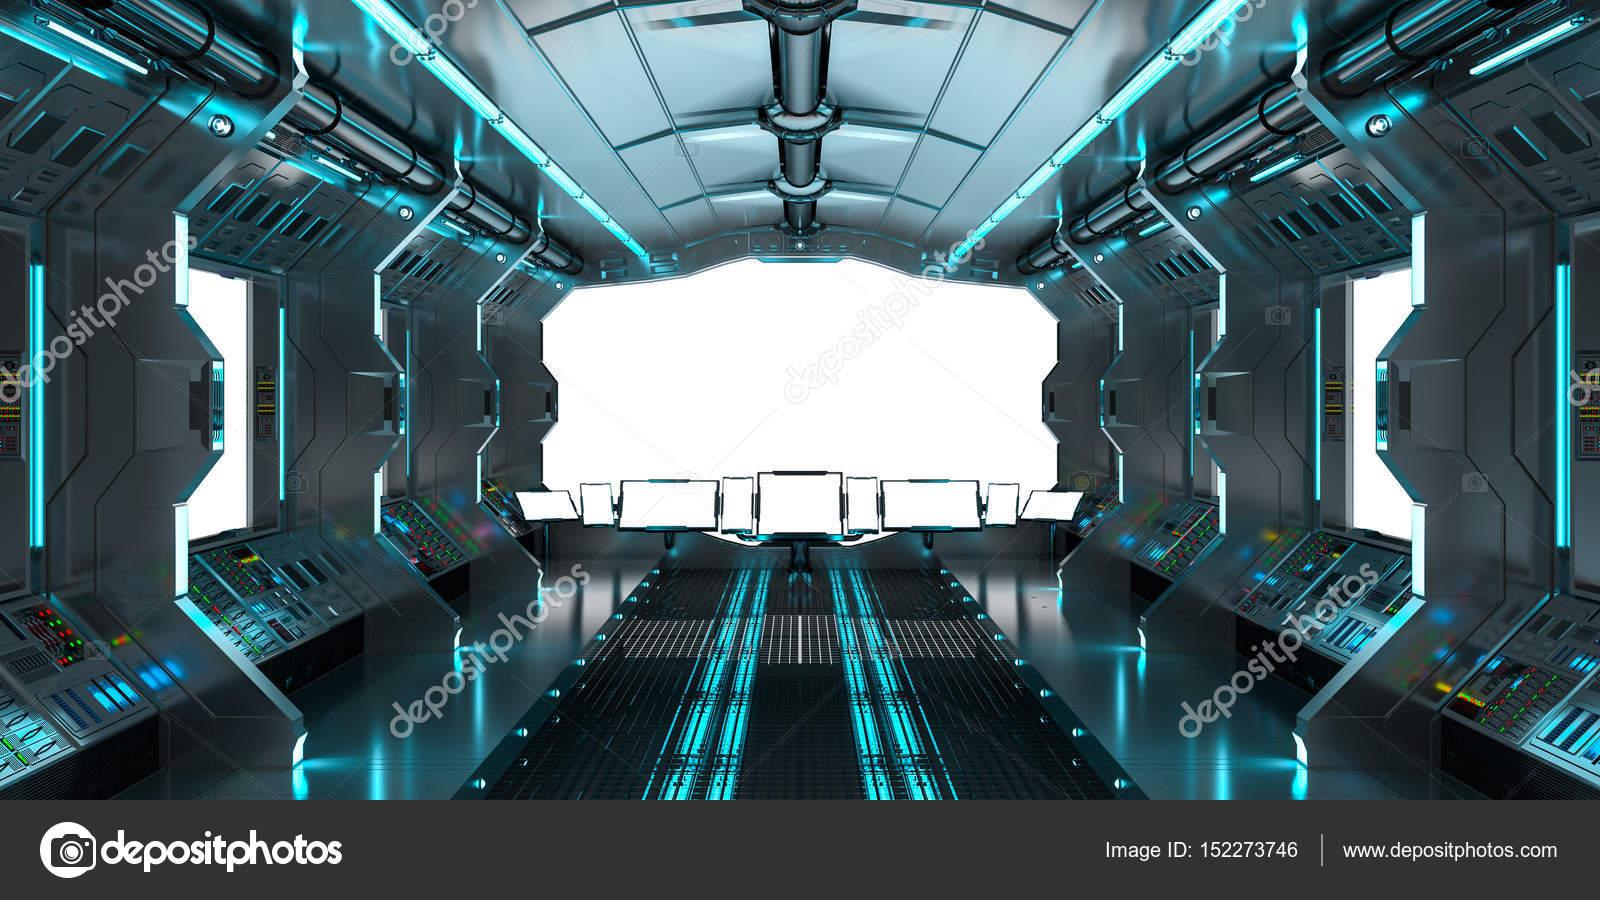 Interior De Ventana De Nave Espacial: Interior De La Nave Espacial Con Vista En Blanco Windows